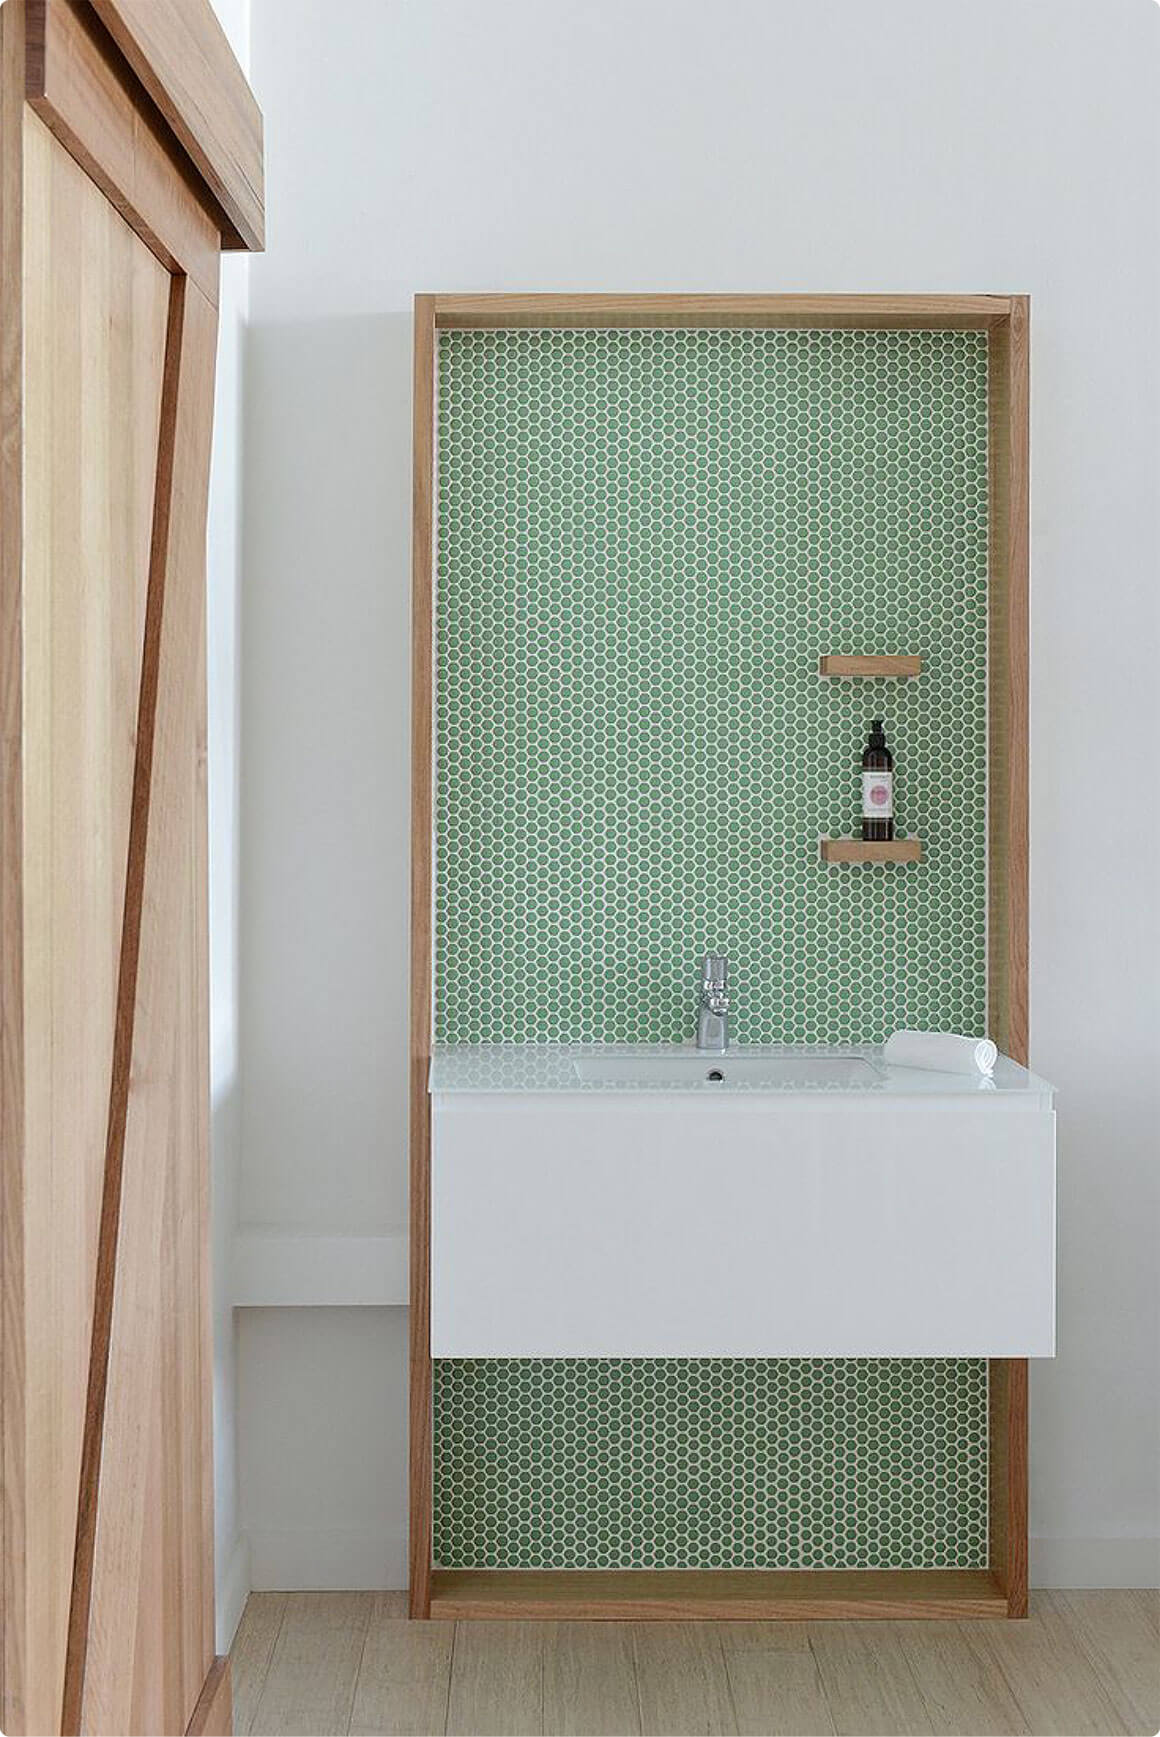 Carrelage vert dans la salle de bain